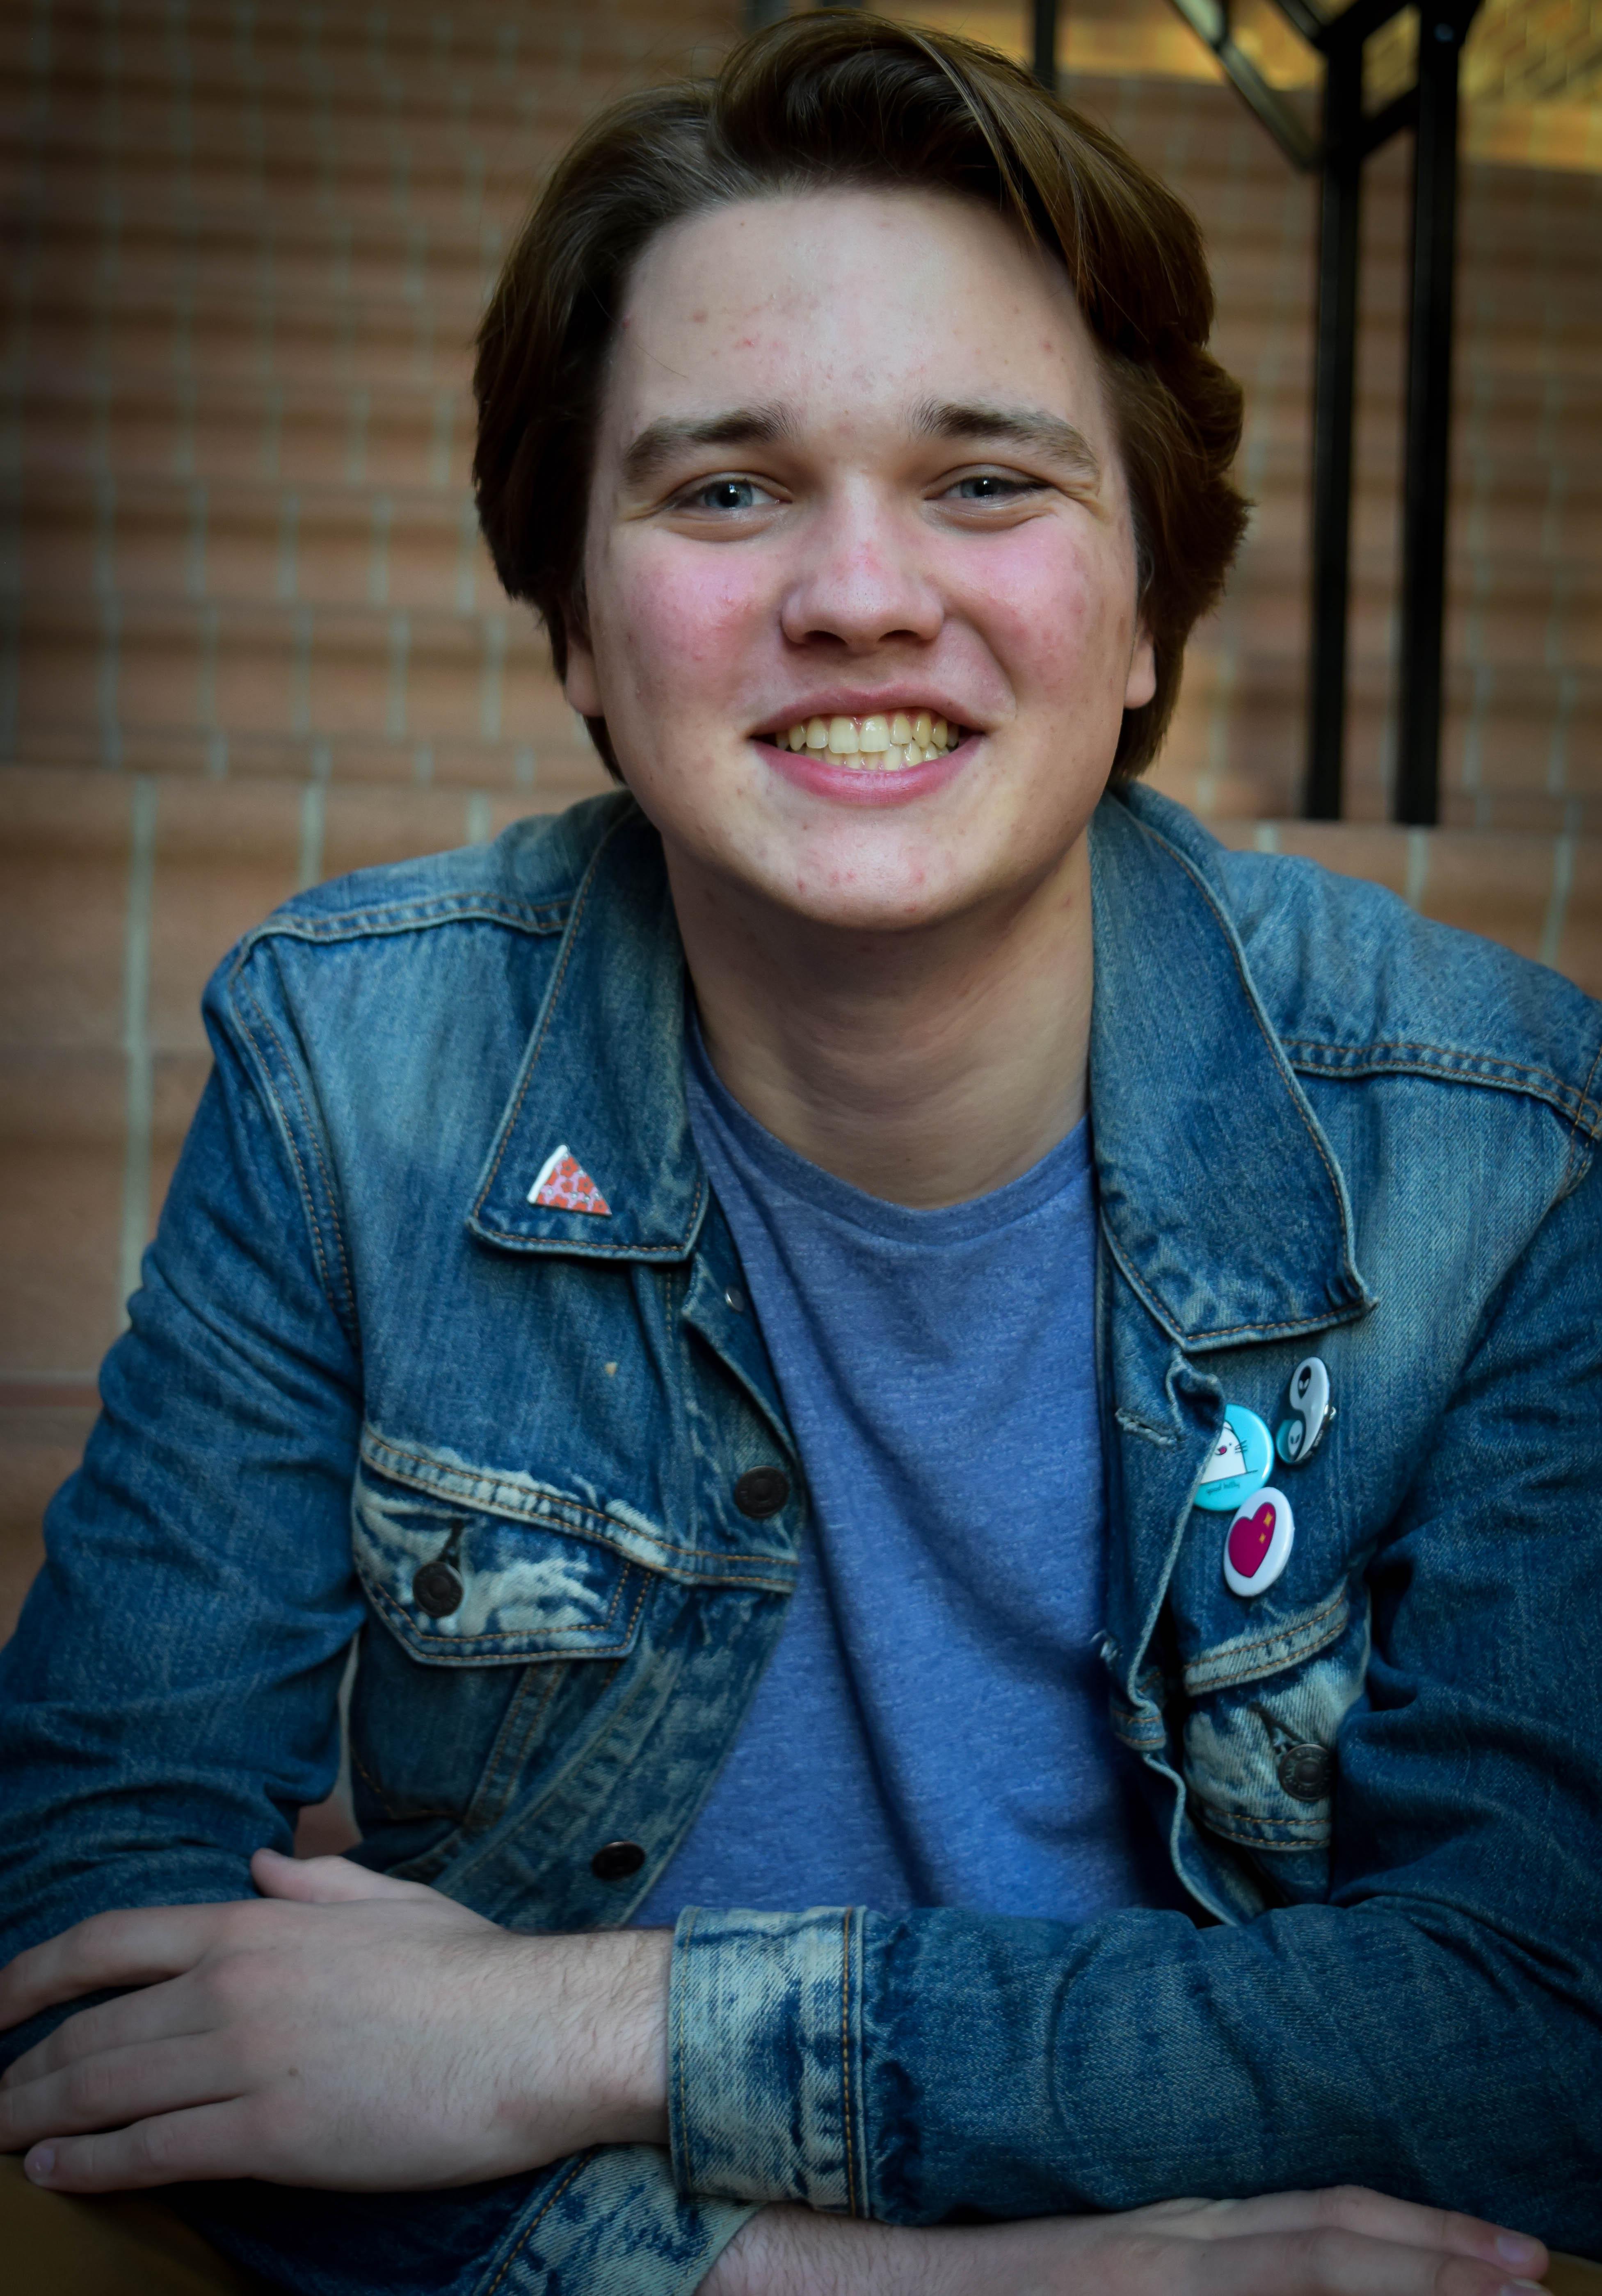 Jackson Guthrie